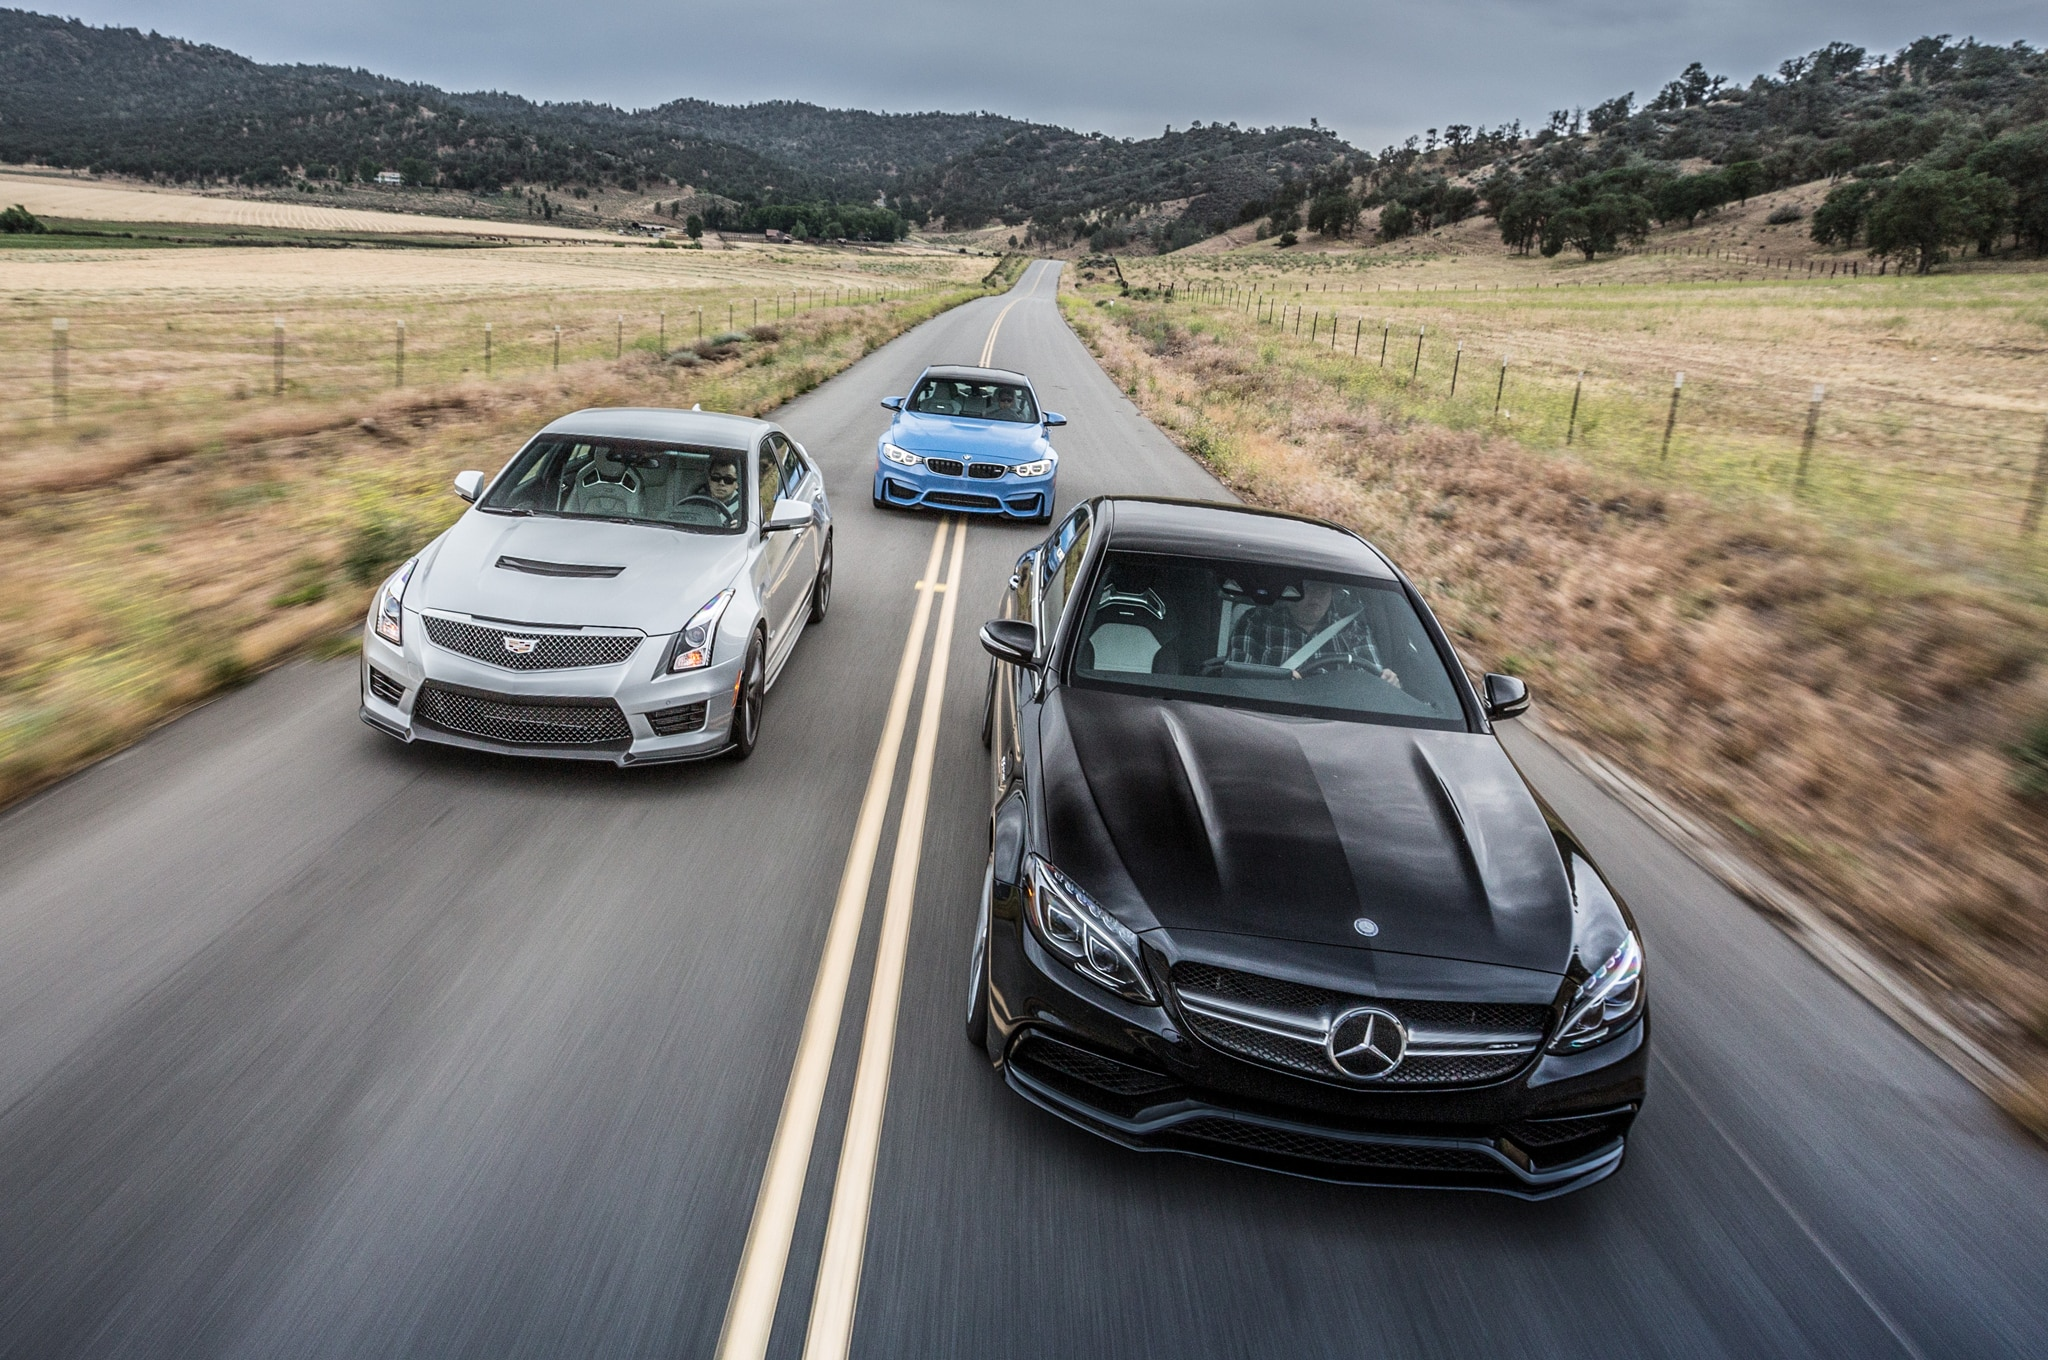 Comparativa Bmw M3 2015 Vs Cadillac Ats V 2016 Vs